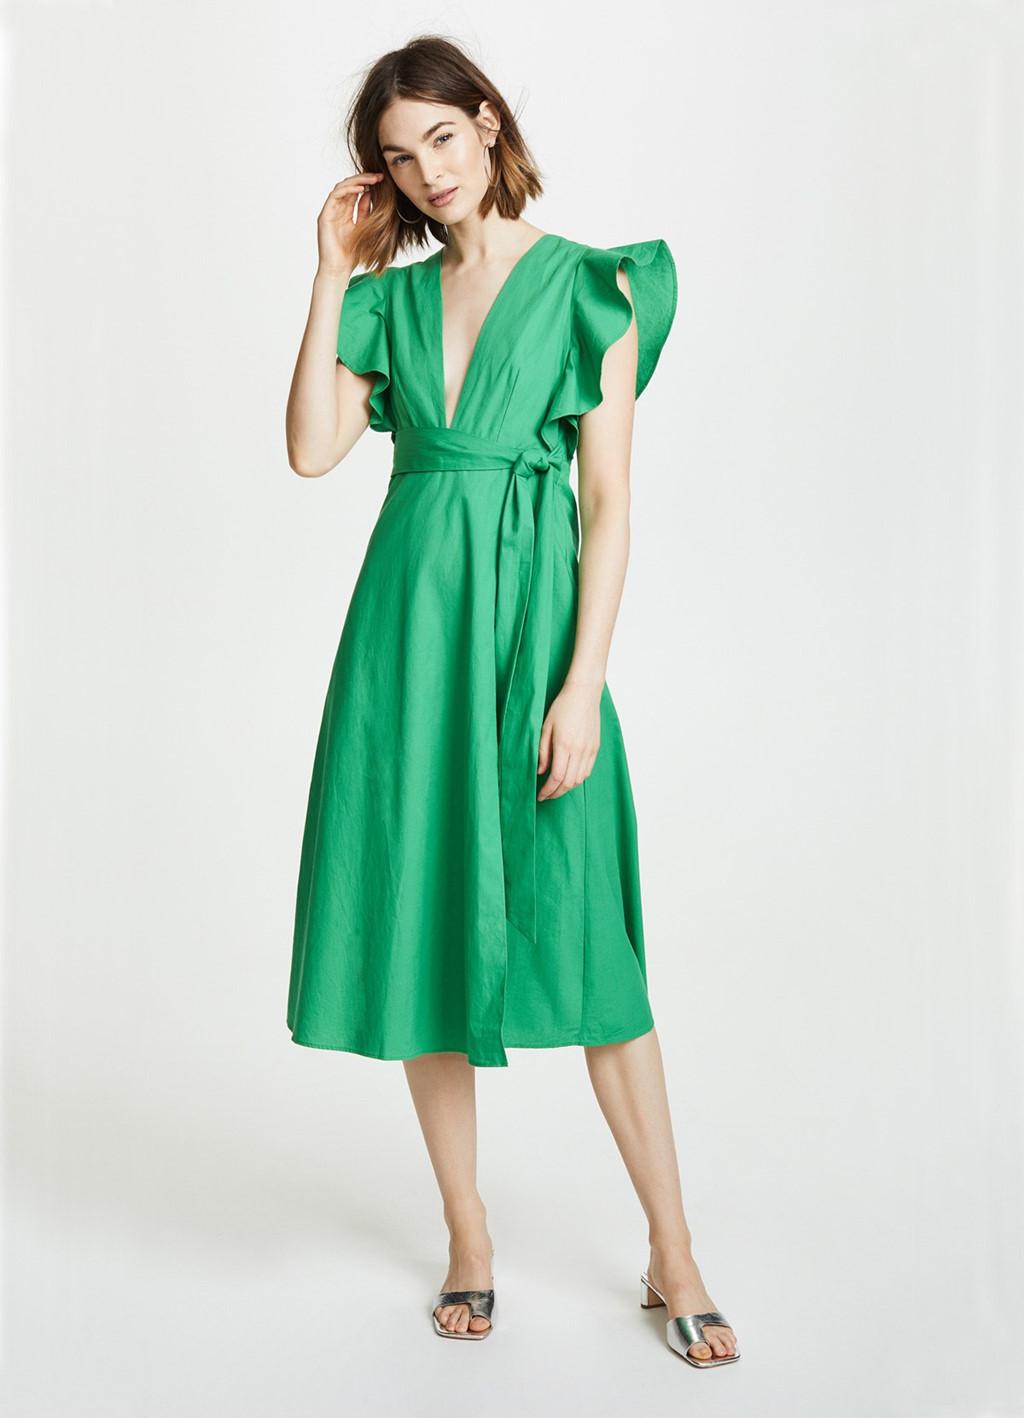 Wrap dress - chiếc váy mùa hè không thể thiếu với mọi cô gái